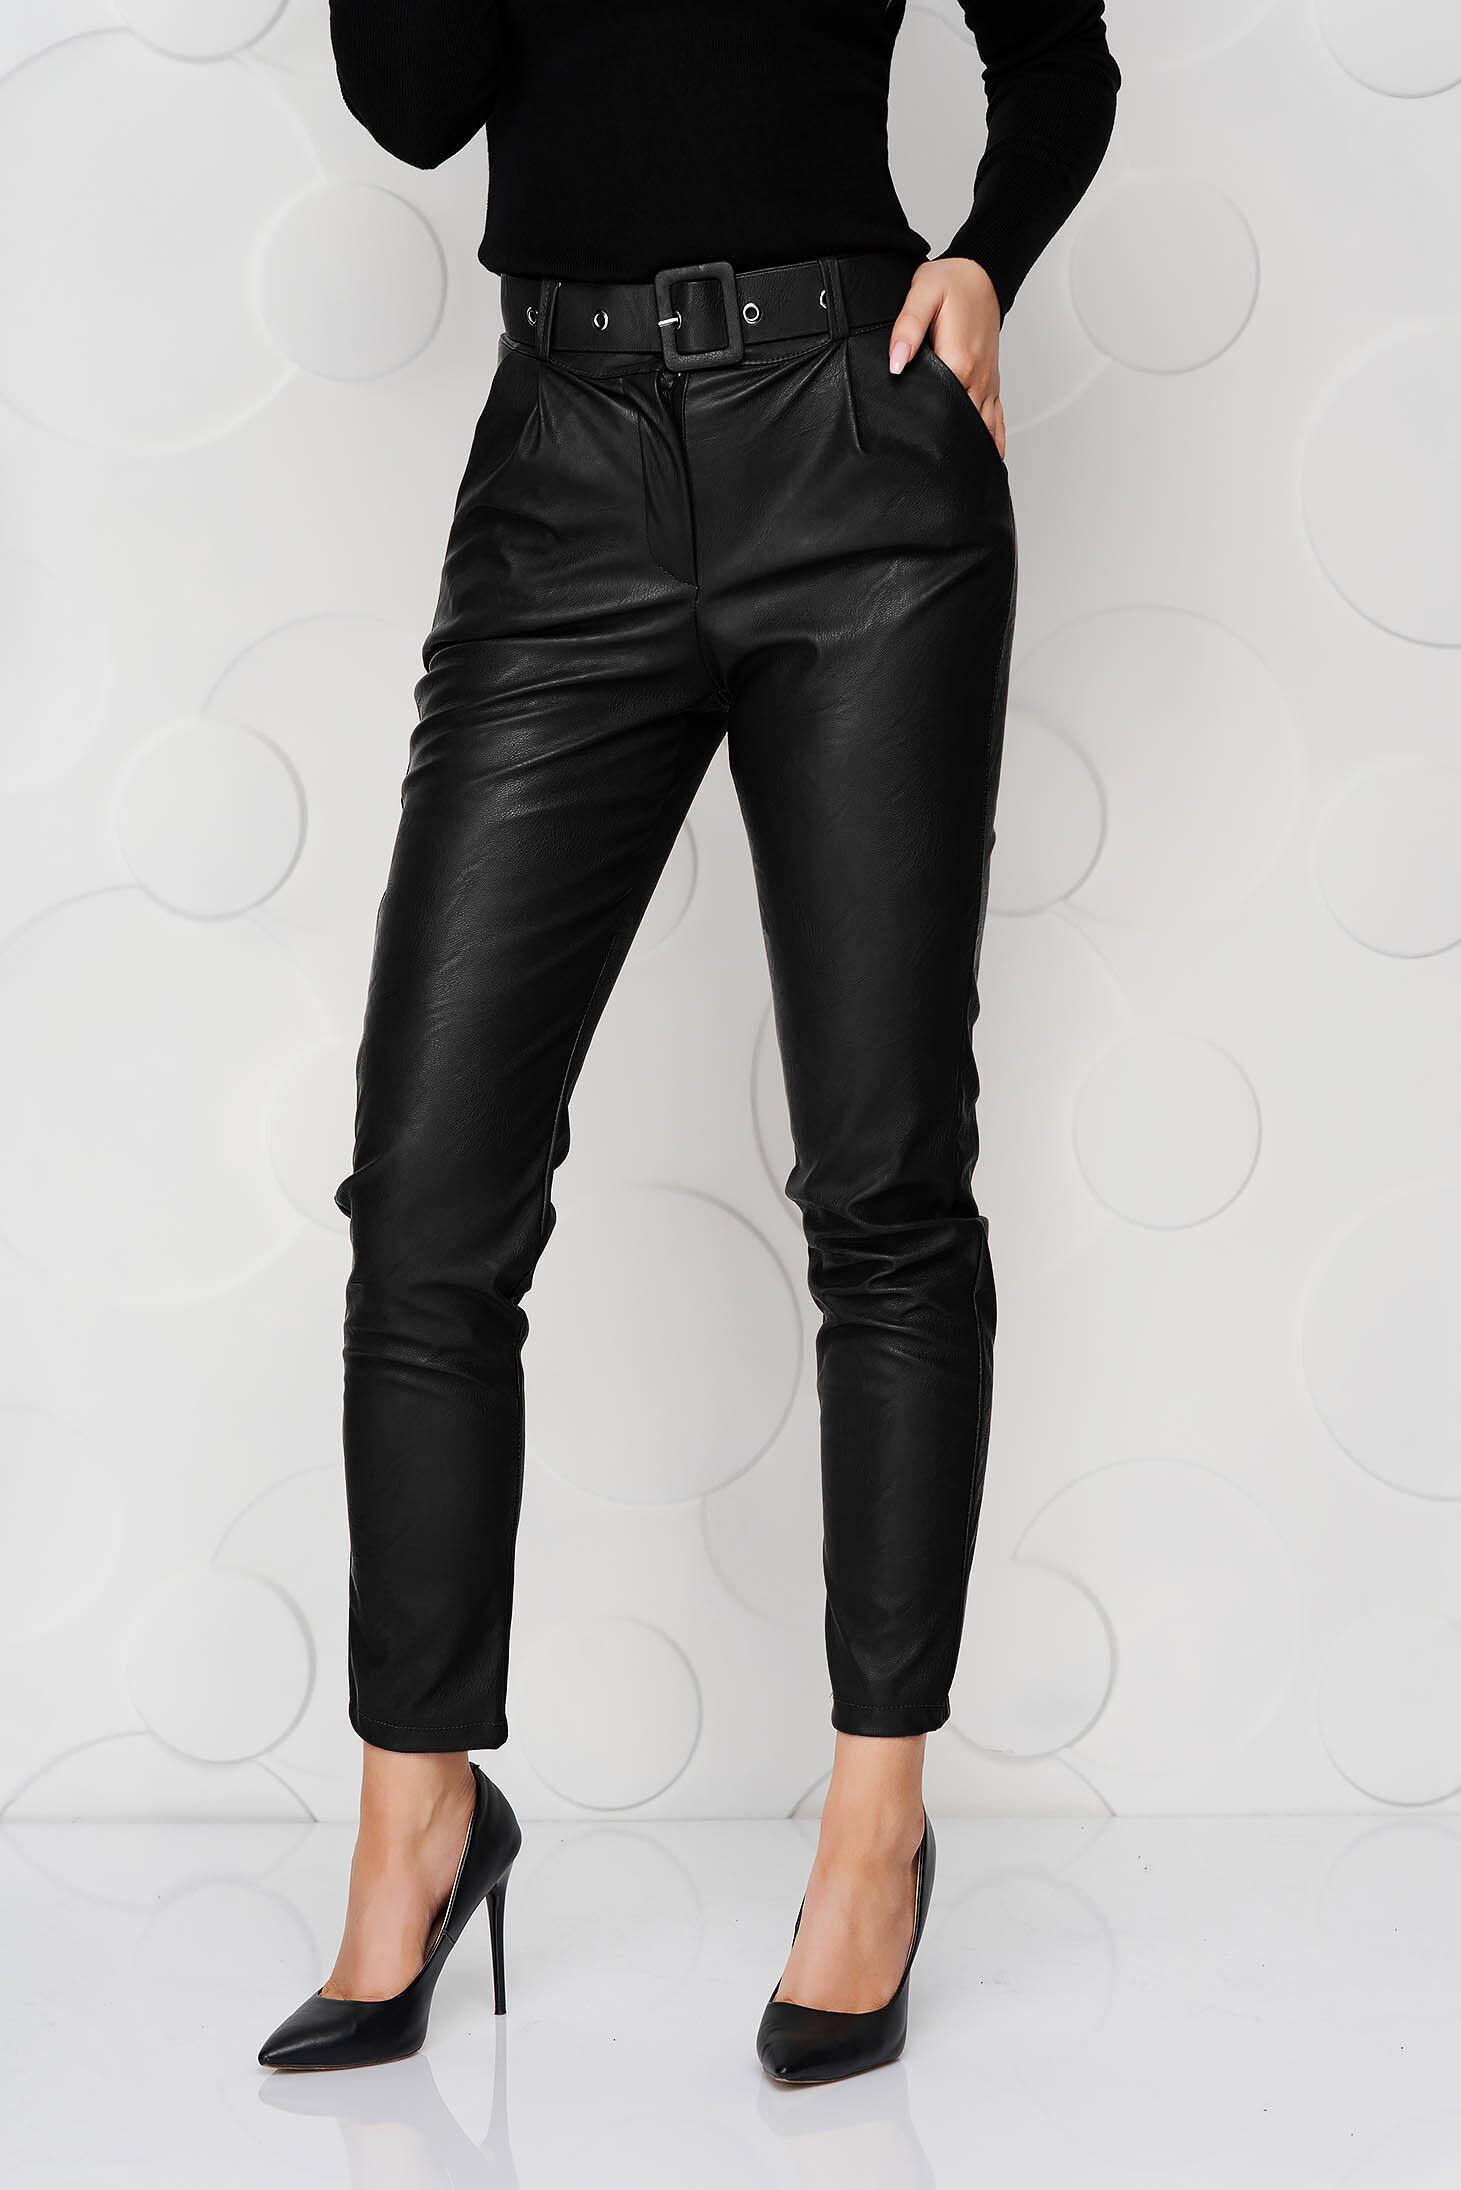 Pantaloni SunShine negri din piele ecologica conici cu accesoriu tip curea